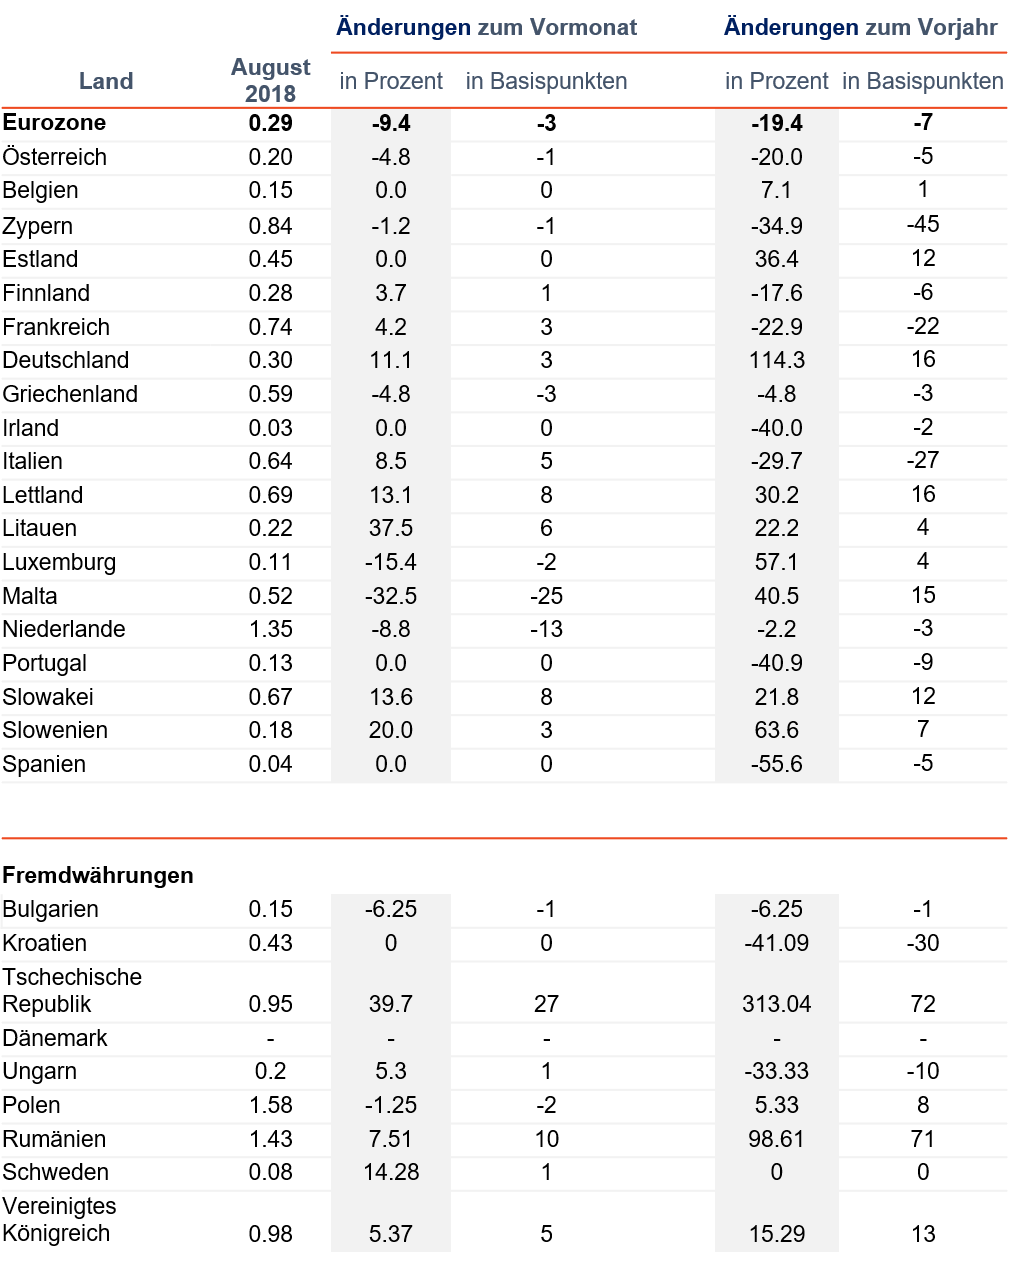 """Durchschnittliche Zinsen für neue Einlagen von privaten Haushalten: Laufzeiten bis zu 1 Jahr, Daten der EZB. Hinweis: Die Zeitreihenanalyse der Zentralbank der Niederlande für Einlagen mit Laufzeiten bis zu 1 Jahr beinhaltet ein länderspezifisches """"Konstruktions-Depot"""" mit höheren Durchschnittszinsen als bei Tagesgeld- und Festgeld-Einlagen."""